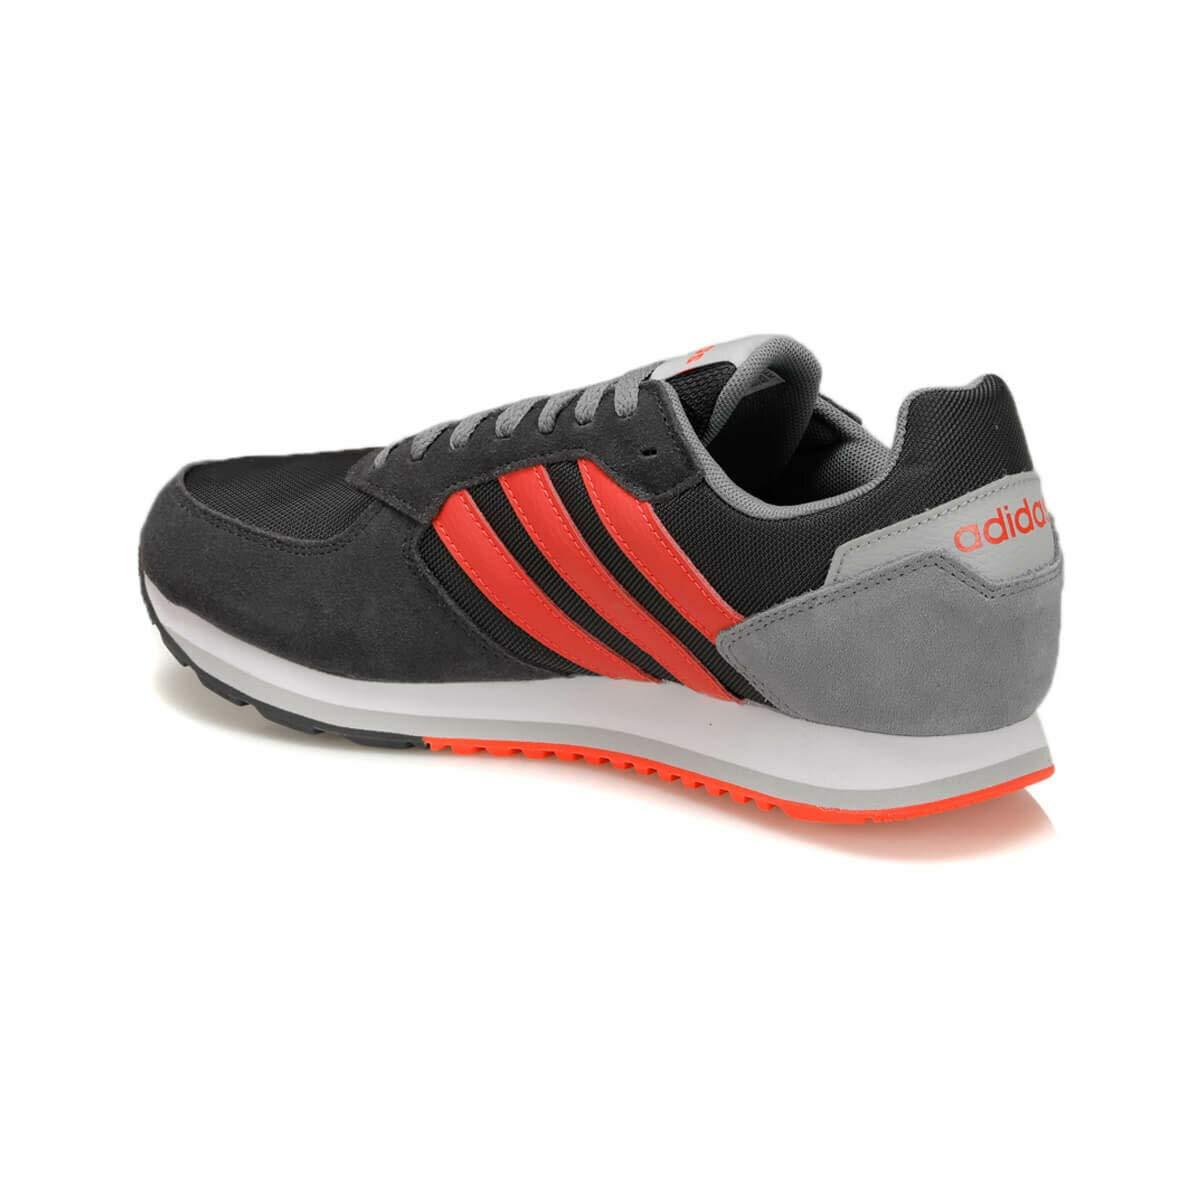 adidas 8 K B44696 Grau Schuhe Turnschuhe Für Herren Sport